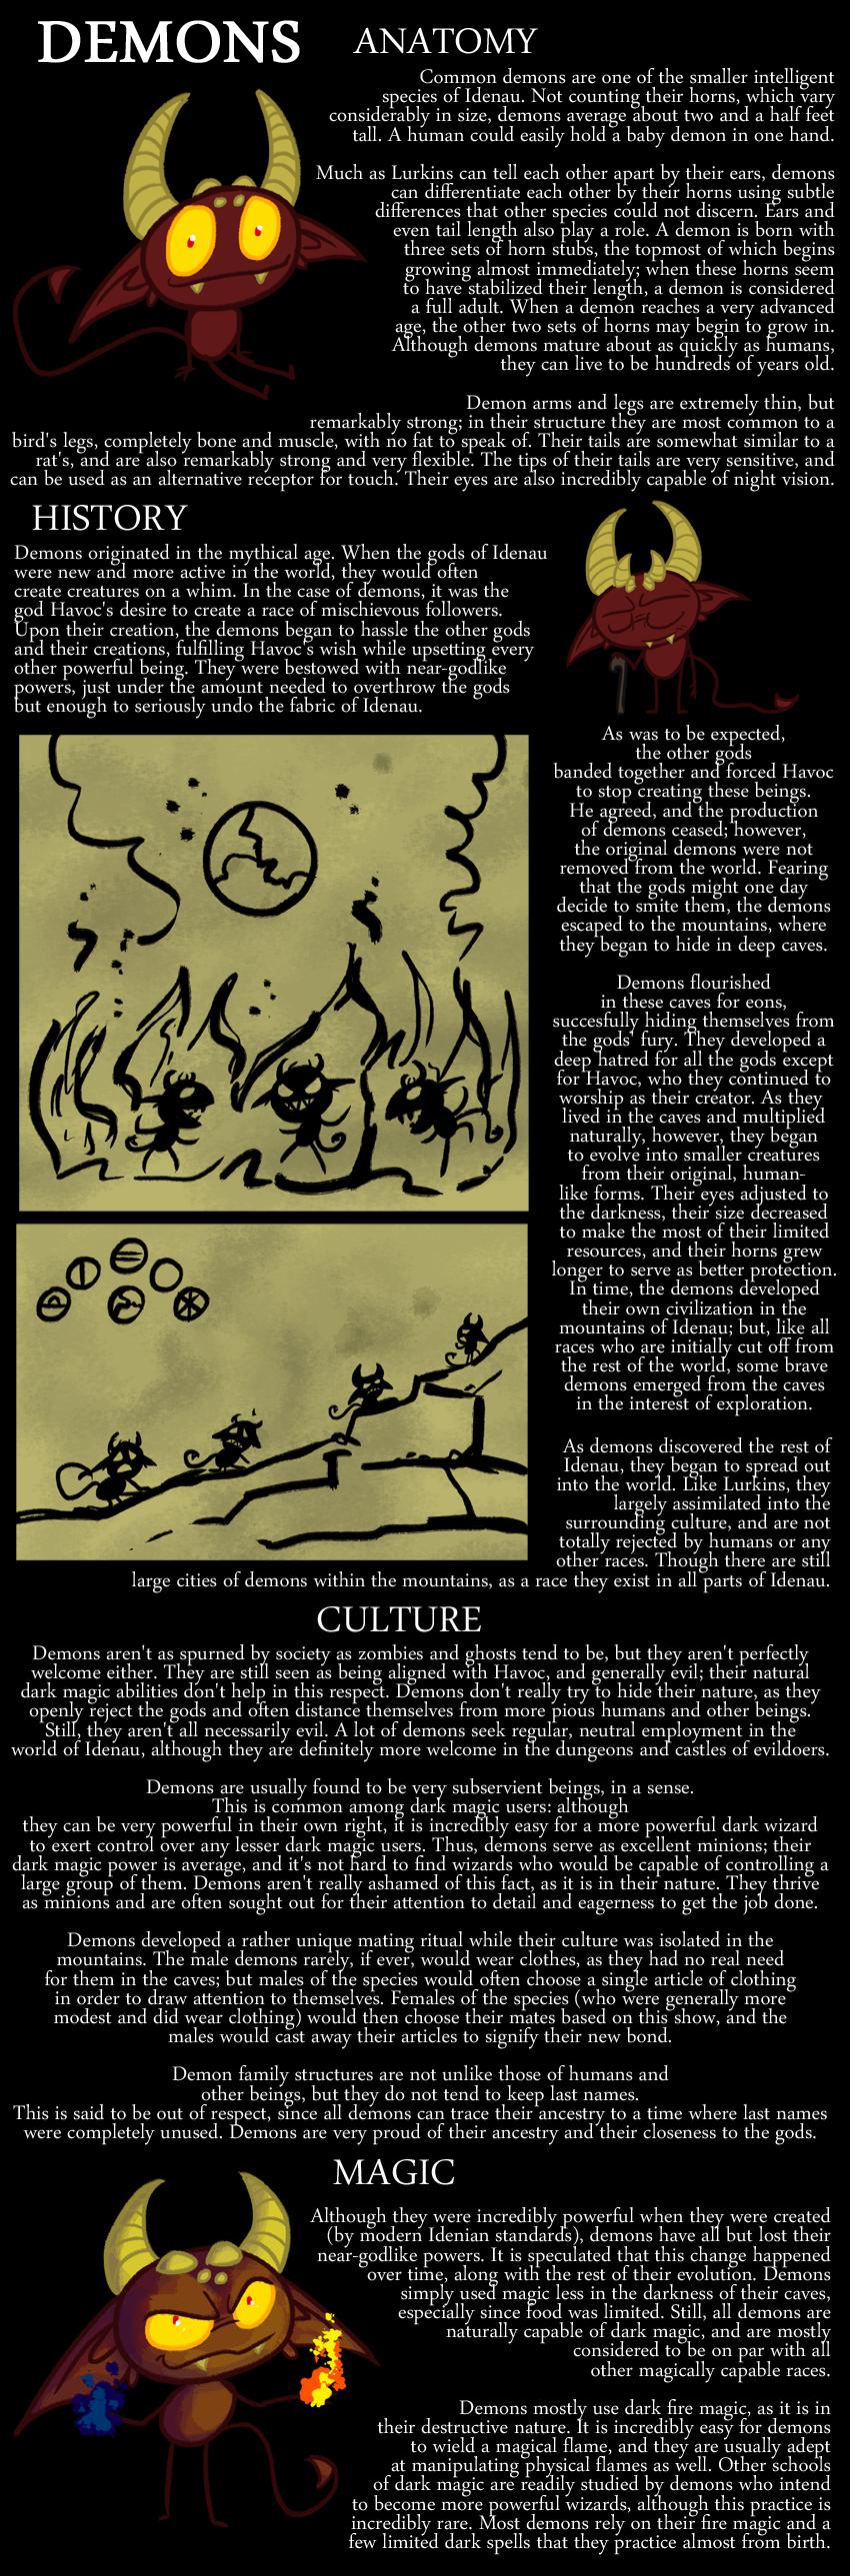 Encyclopedia of Idenau: Demons